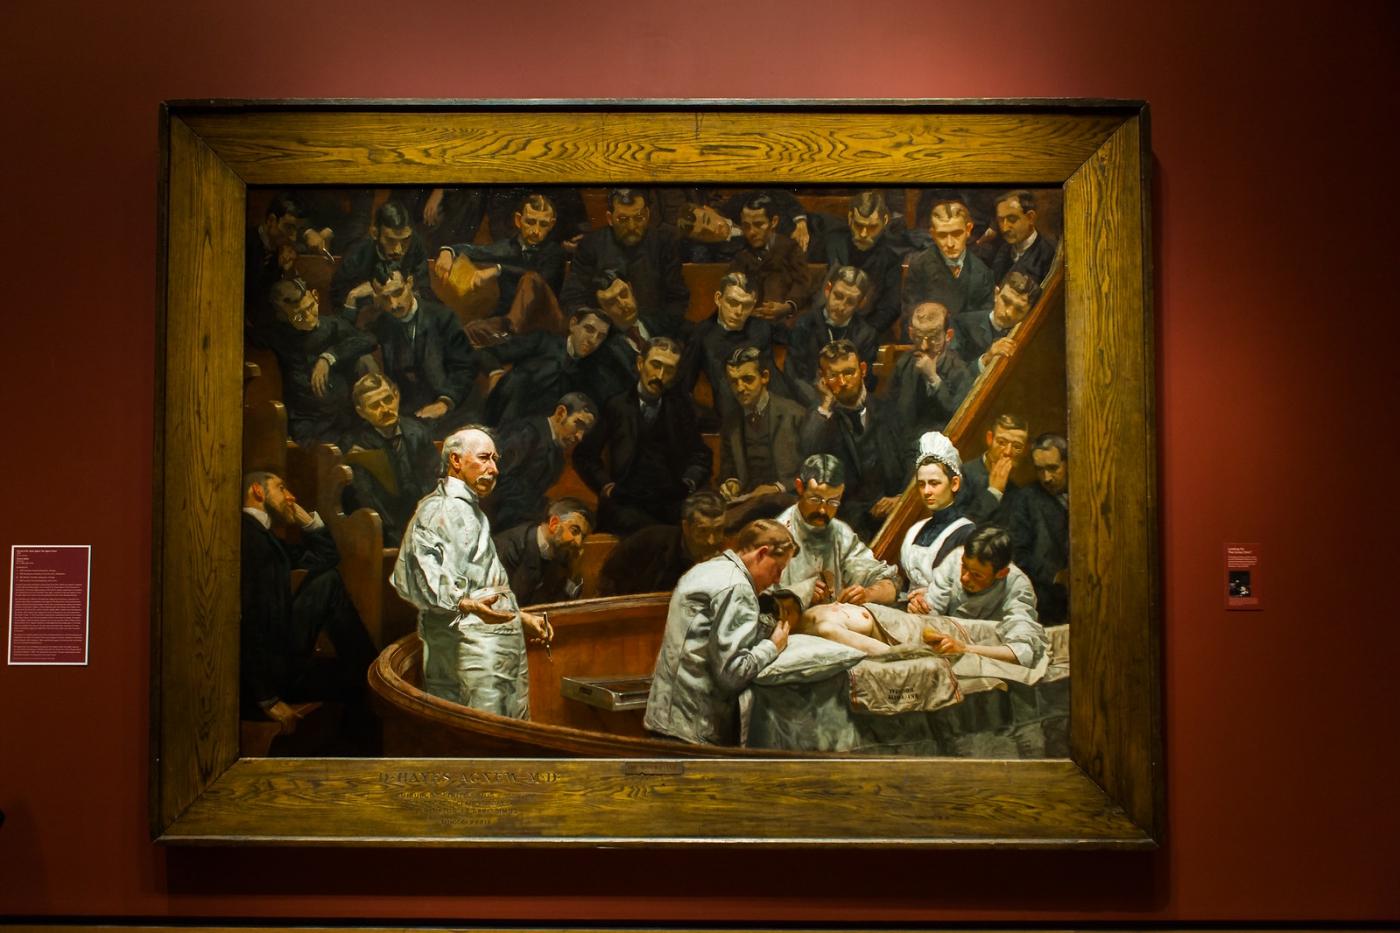 费城艺术馆,那些馆藏稀世油画_图1-9